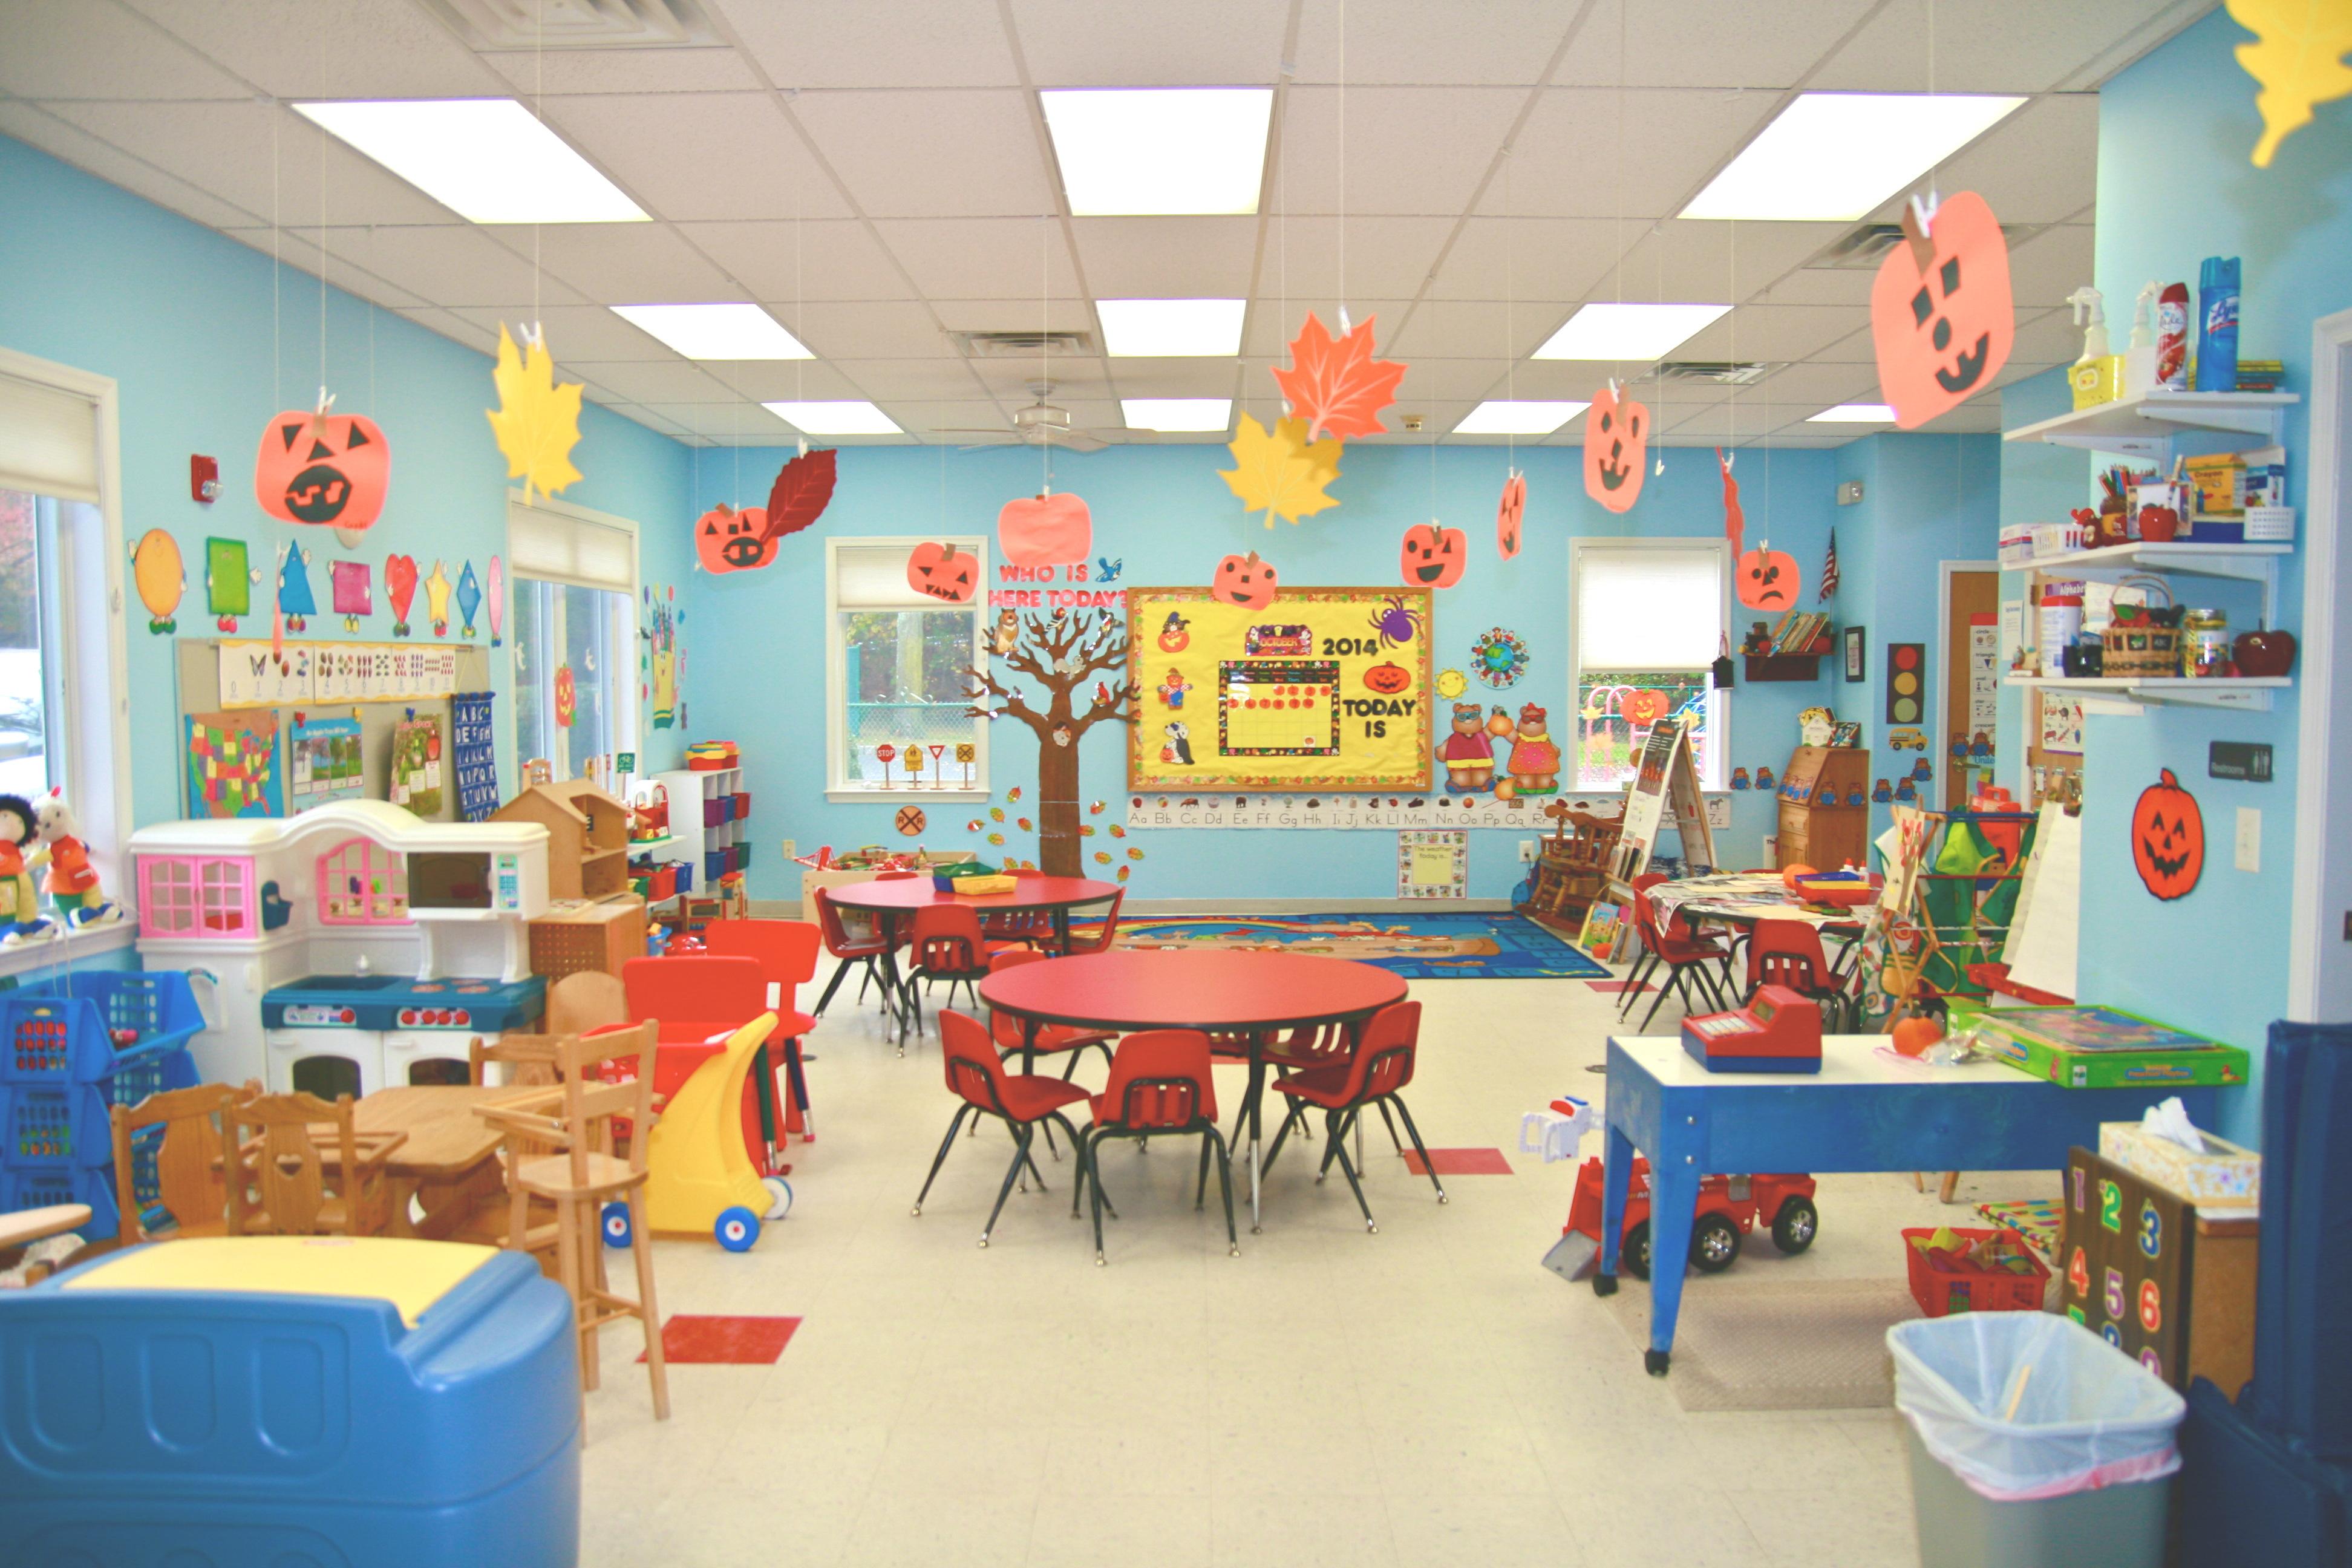 b625d5af667a2334f01e_Preschool_Classroom.JPG